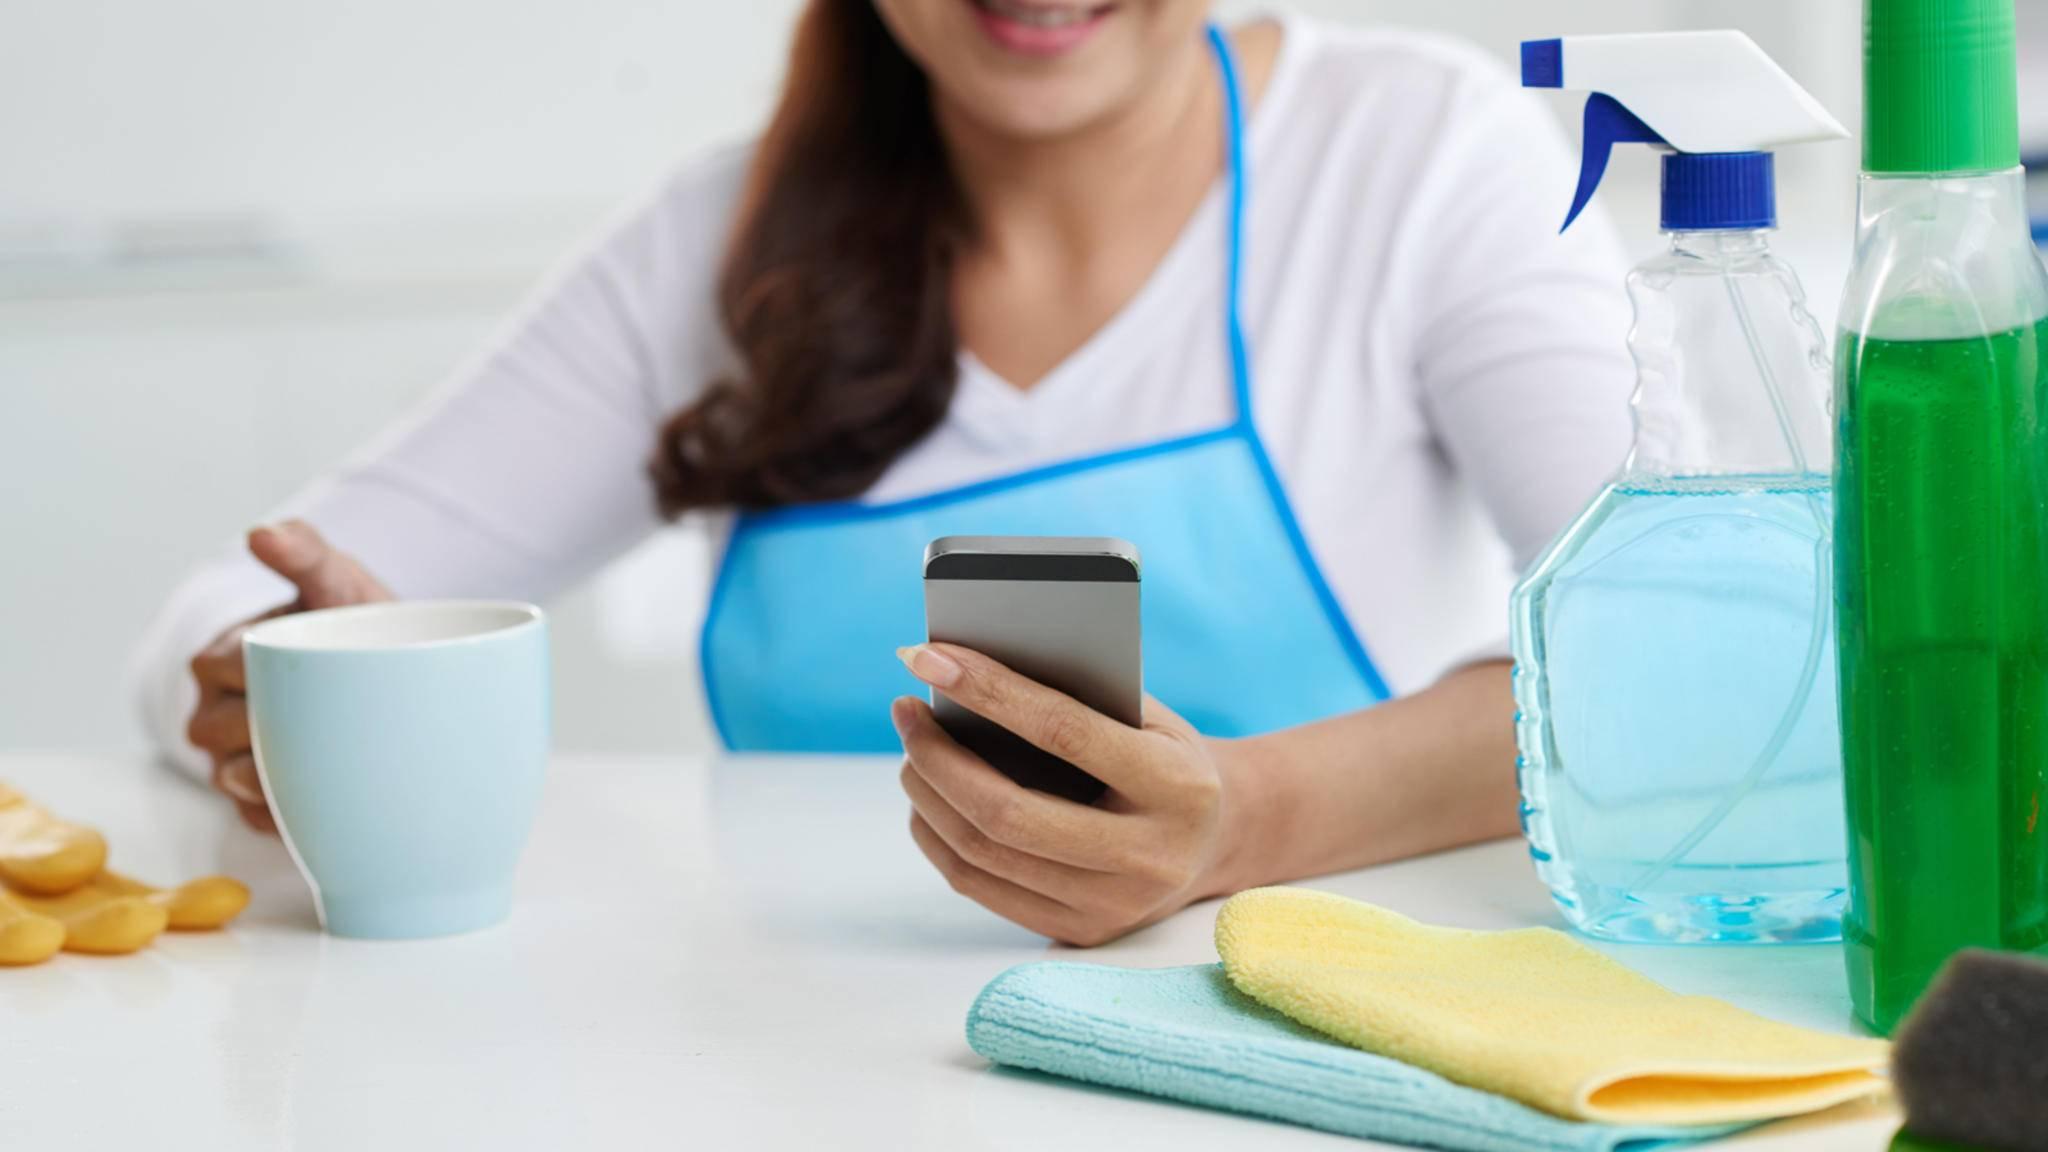 Mit den passenden Putz-Apps kannst Du Deinen Haushalt ganz einfach organisieren.